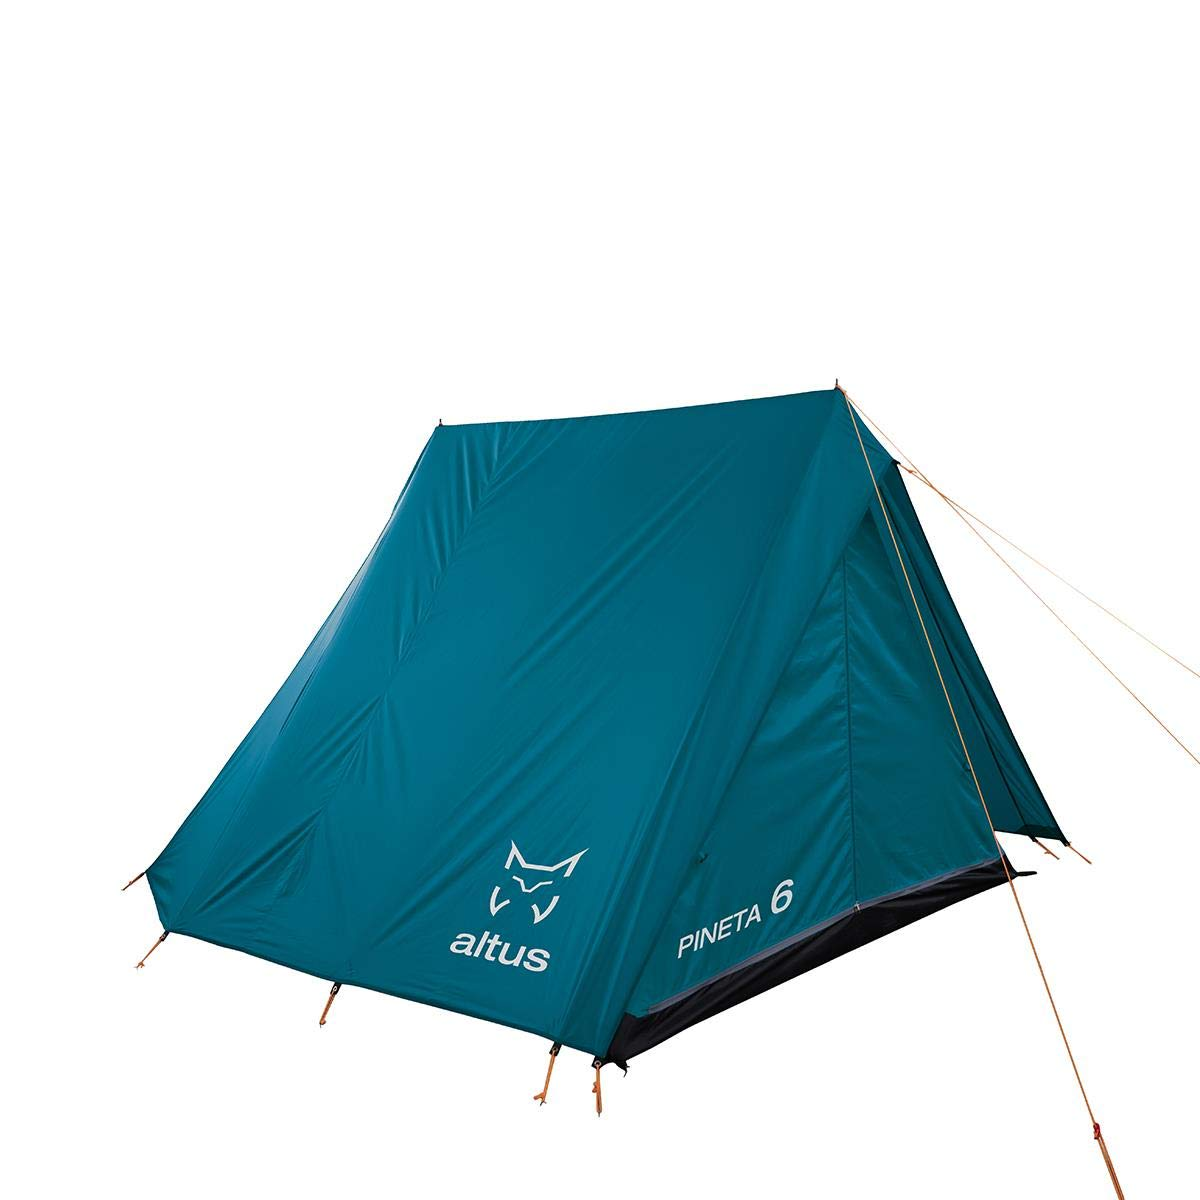 ALTUS Tienda de campaña Campamento Pineta: Amazon.es: Deportes y aire libre